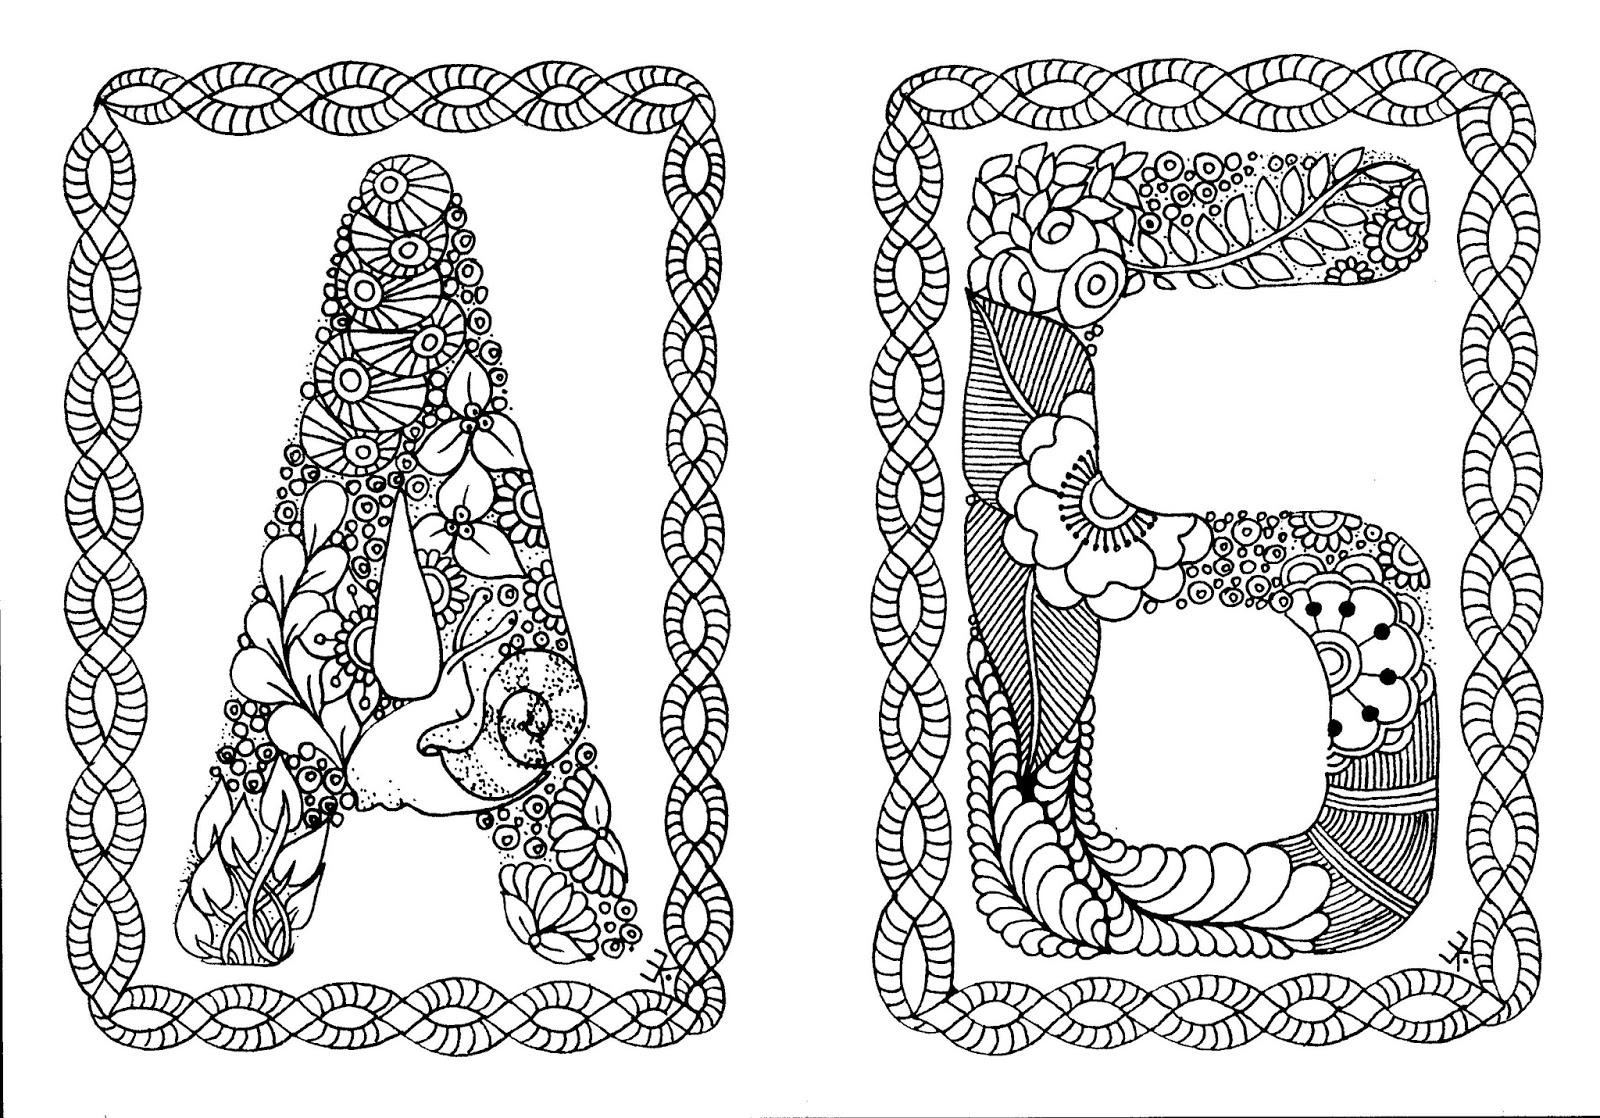 Буква а в картинках для детей как нарисовать 7